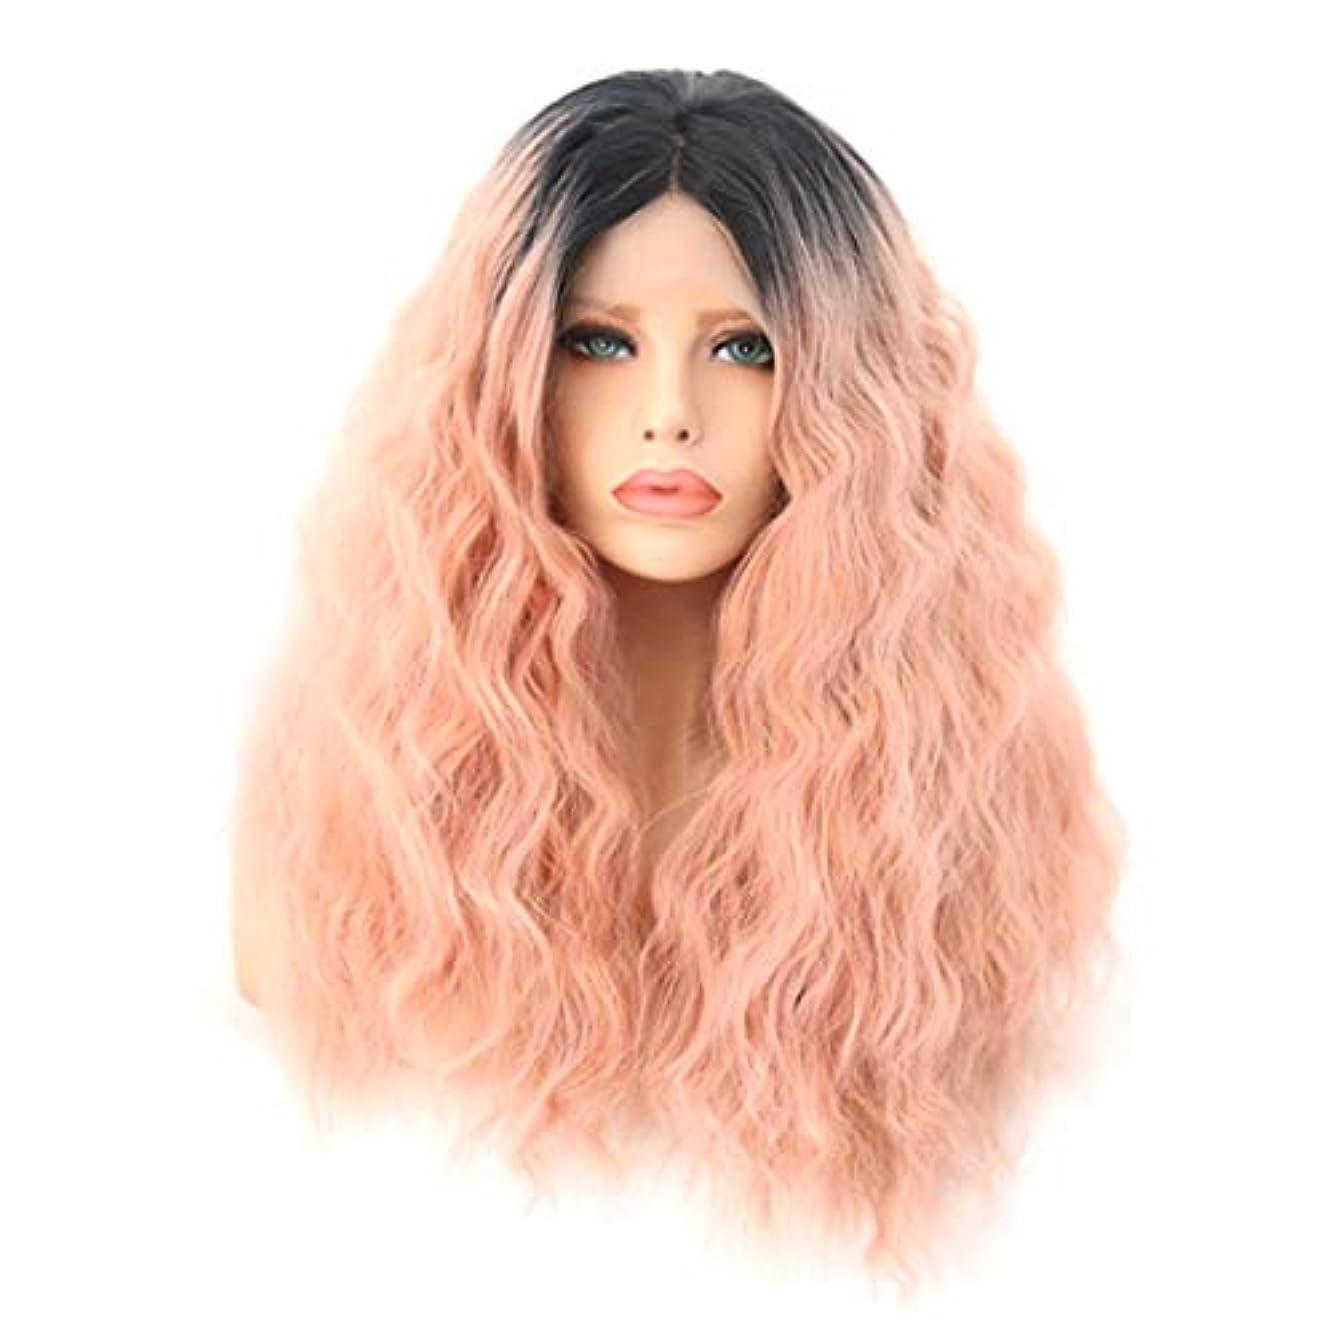 真っ逆さま休みアヒルKerwinner 女性のための自然な探している前部レースの合成繊維の毛髪のかつらと長い巻き毛のかつらのかつらの代わりのかつら (Size : 18 inches)